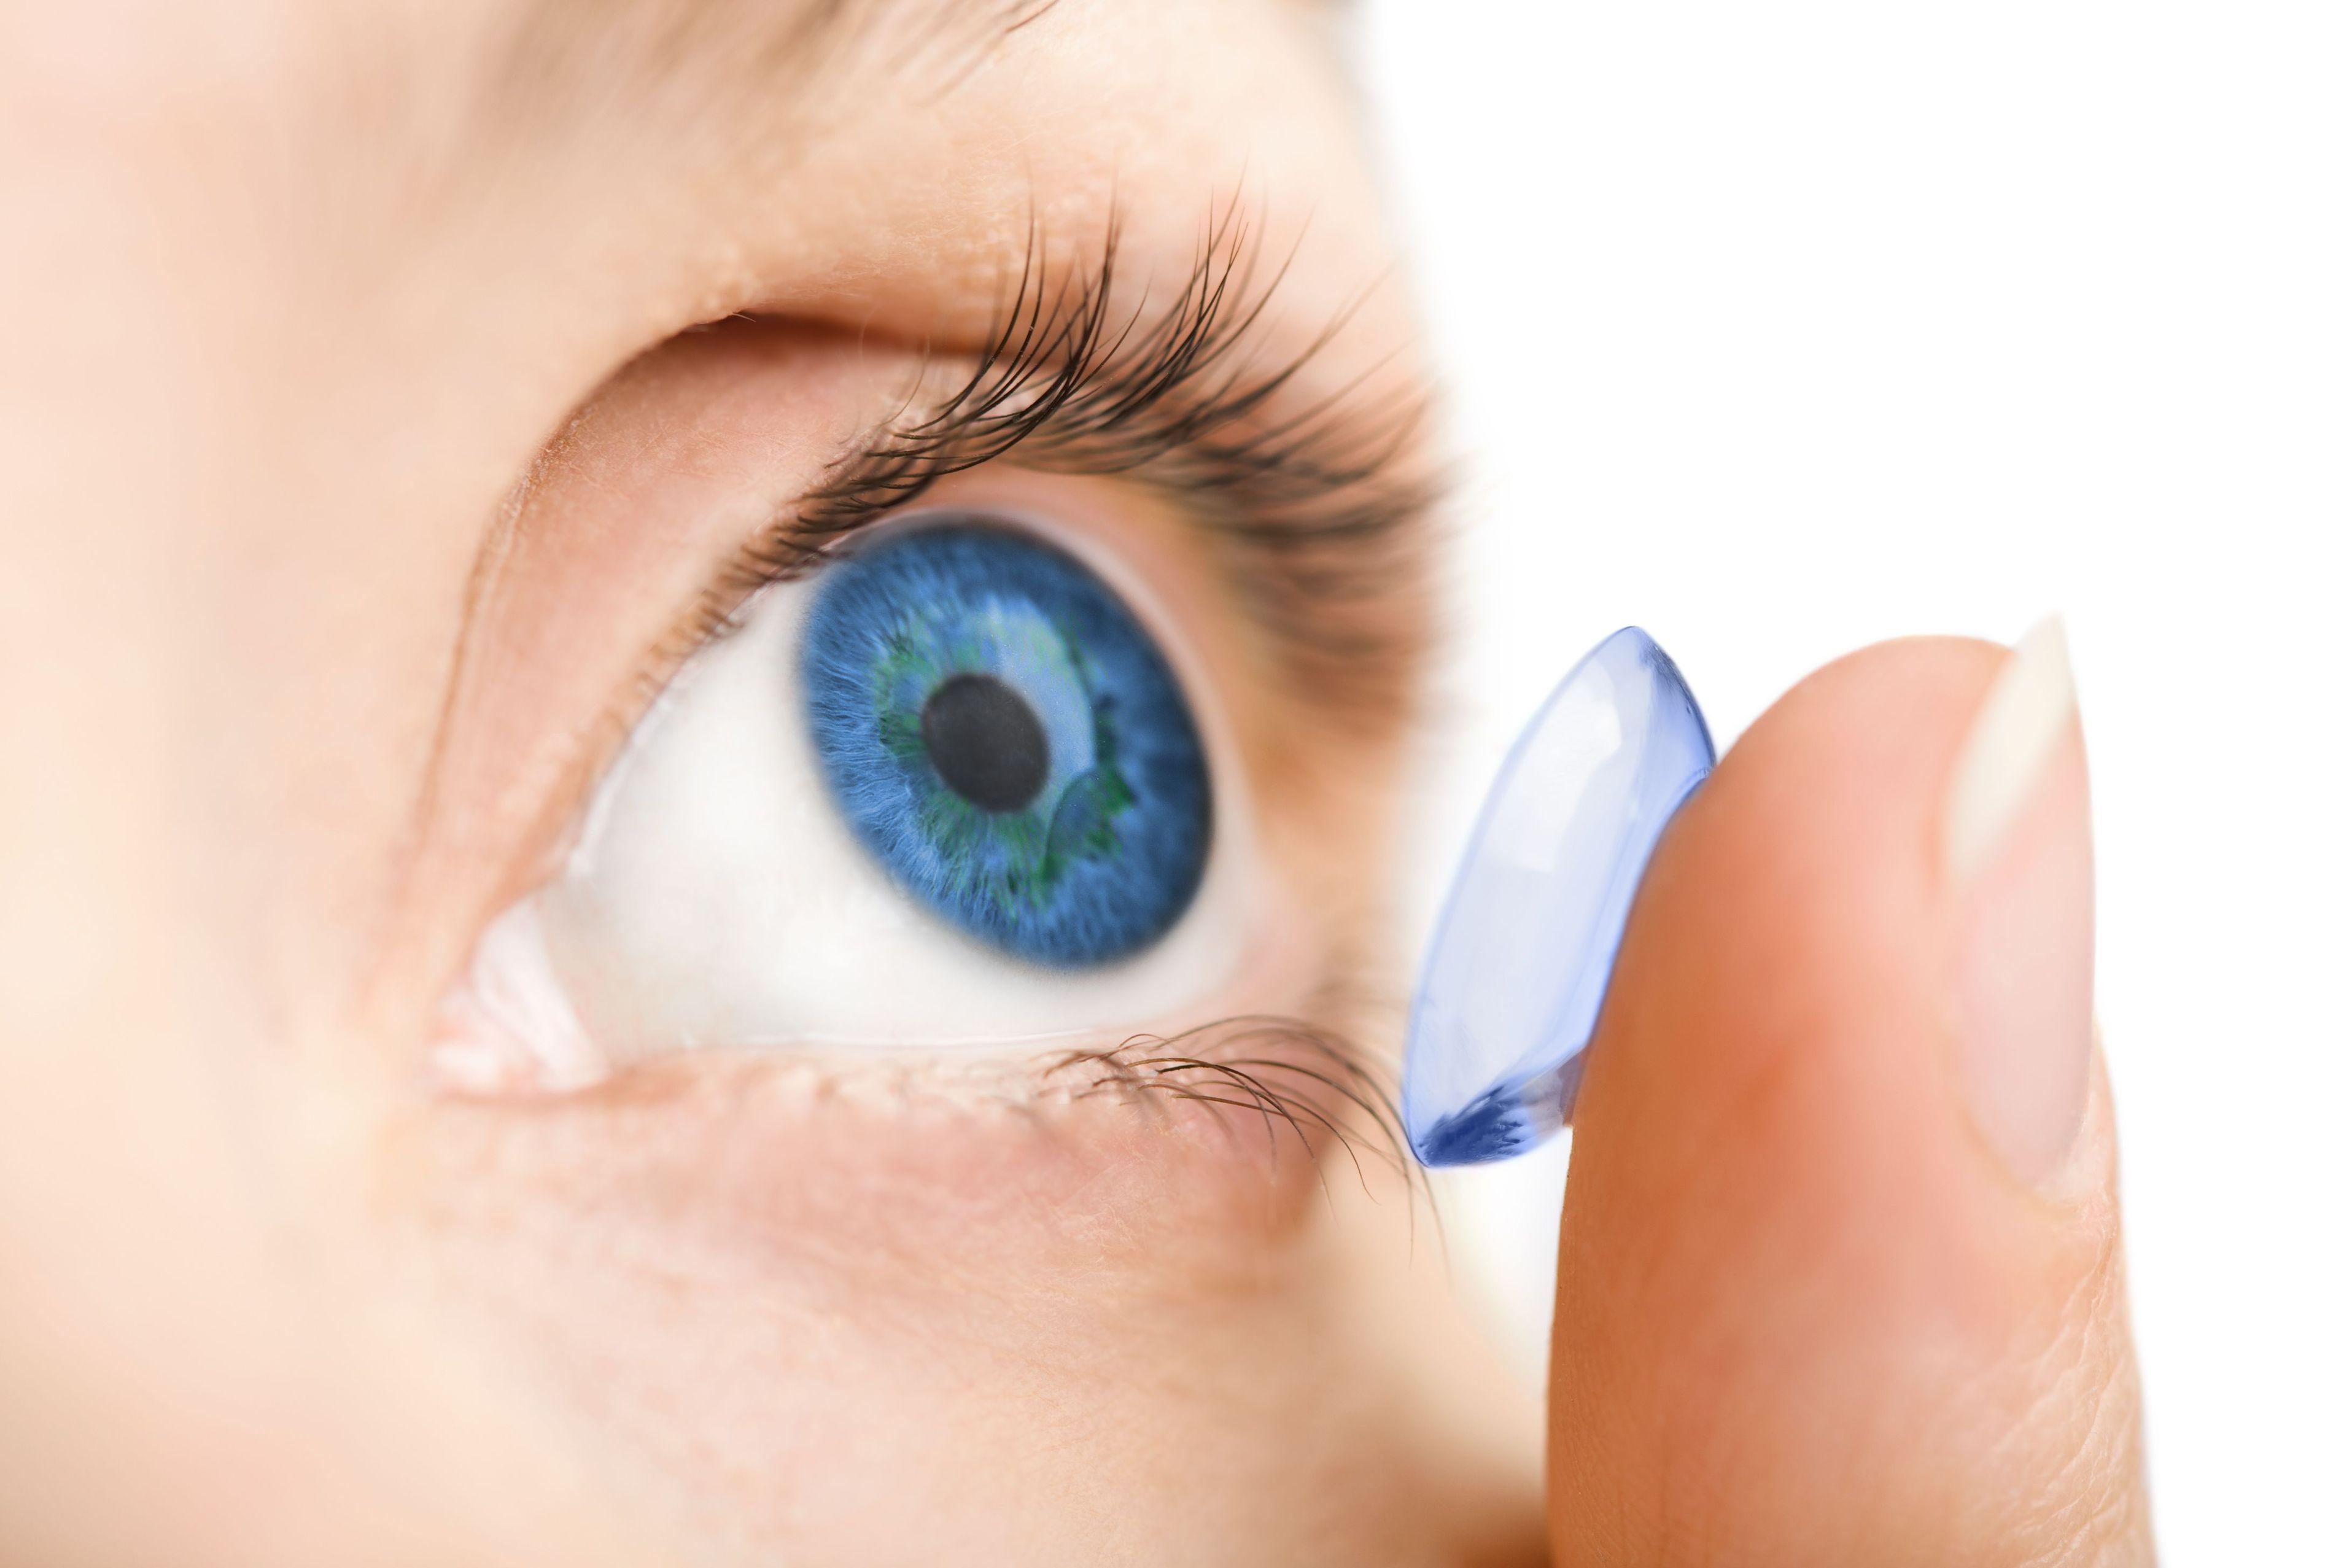 bf8b7d128b32 Jak dbać i nosić szkła kontaktowe